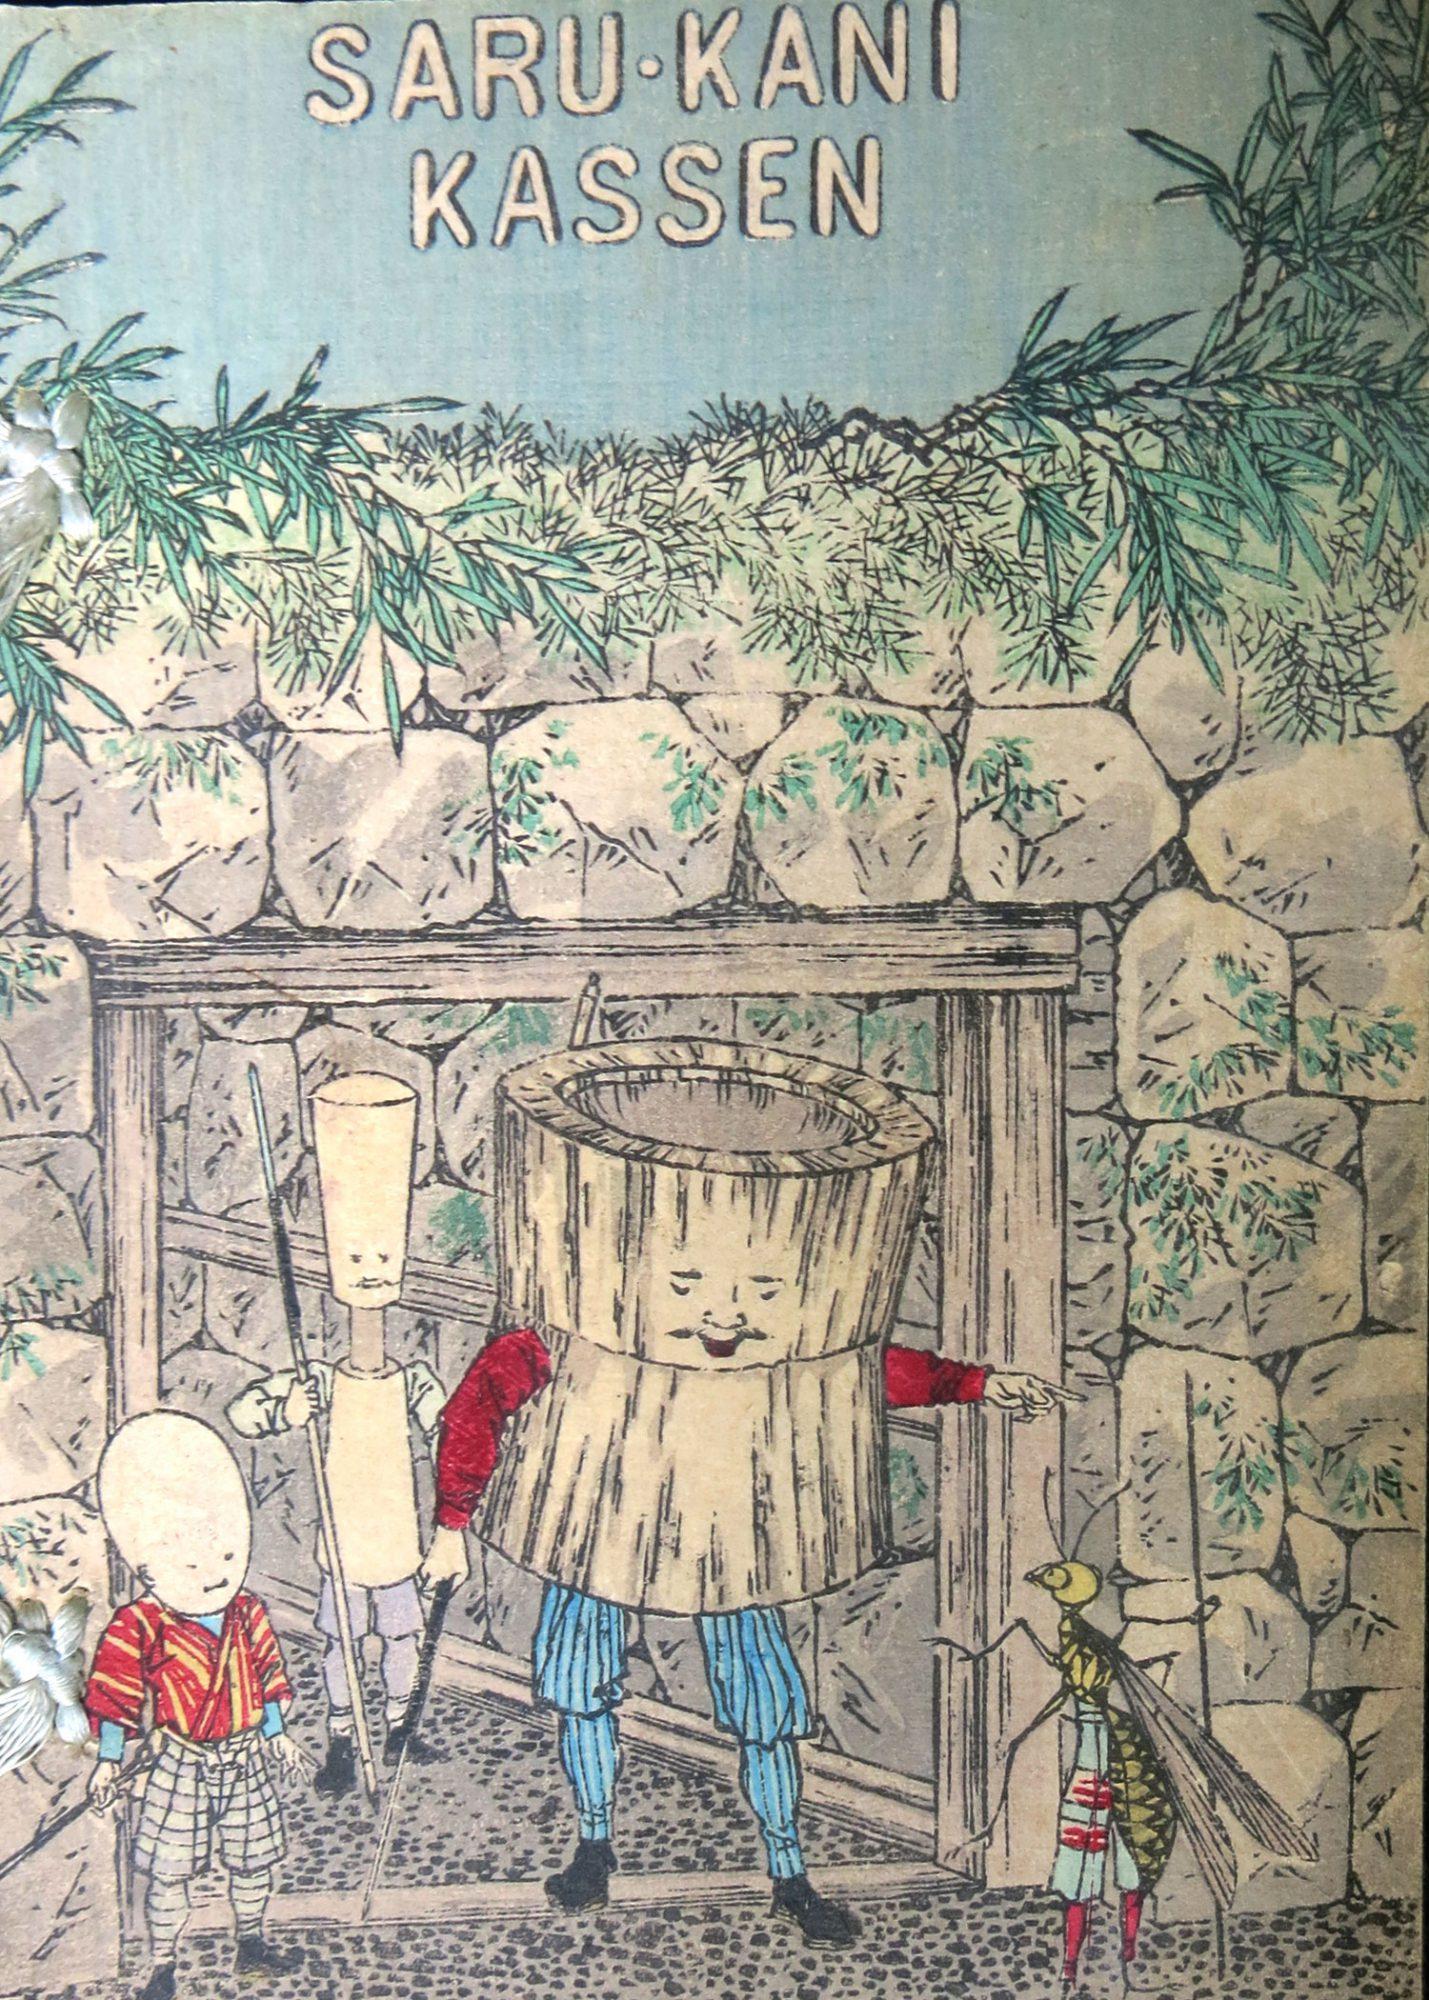 Saru-kani Kassen, La bataille du singe et du crabe. Traducteur : [Joseph] Dautremer. [Illustrateur : 小林永濯 Kobayashi Eitaku (Sansai)]